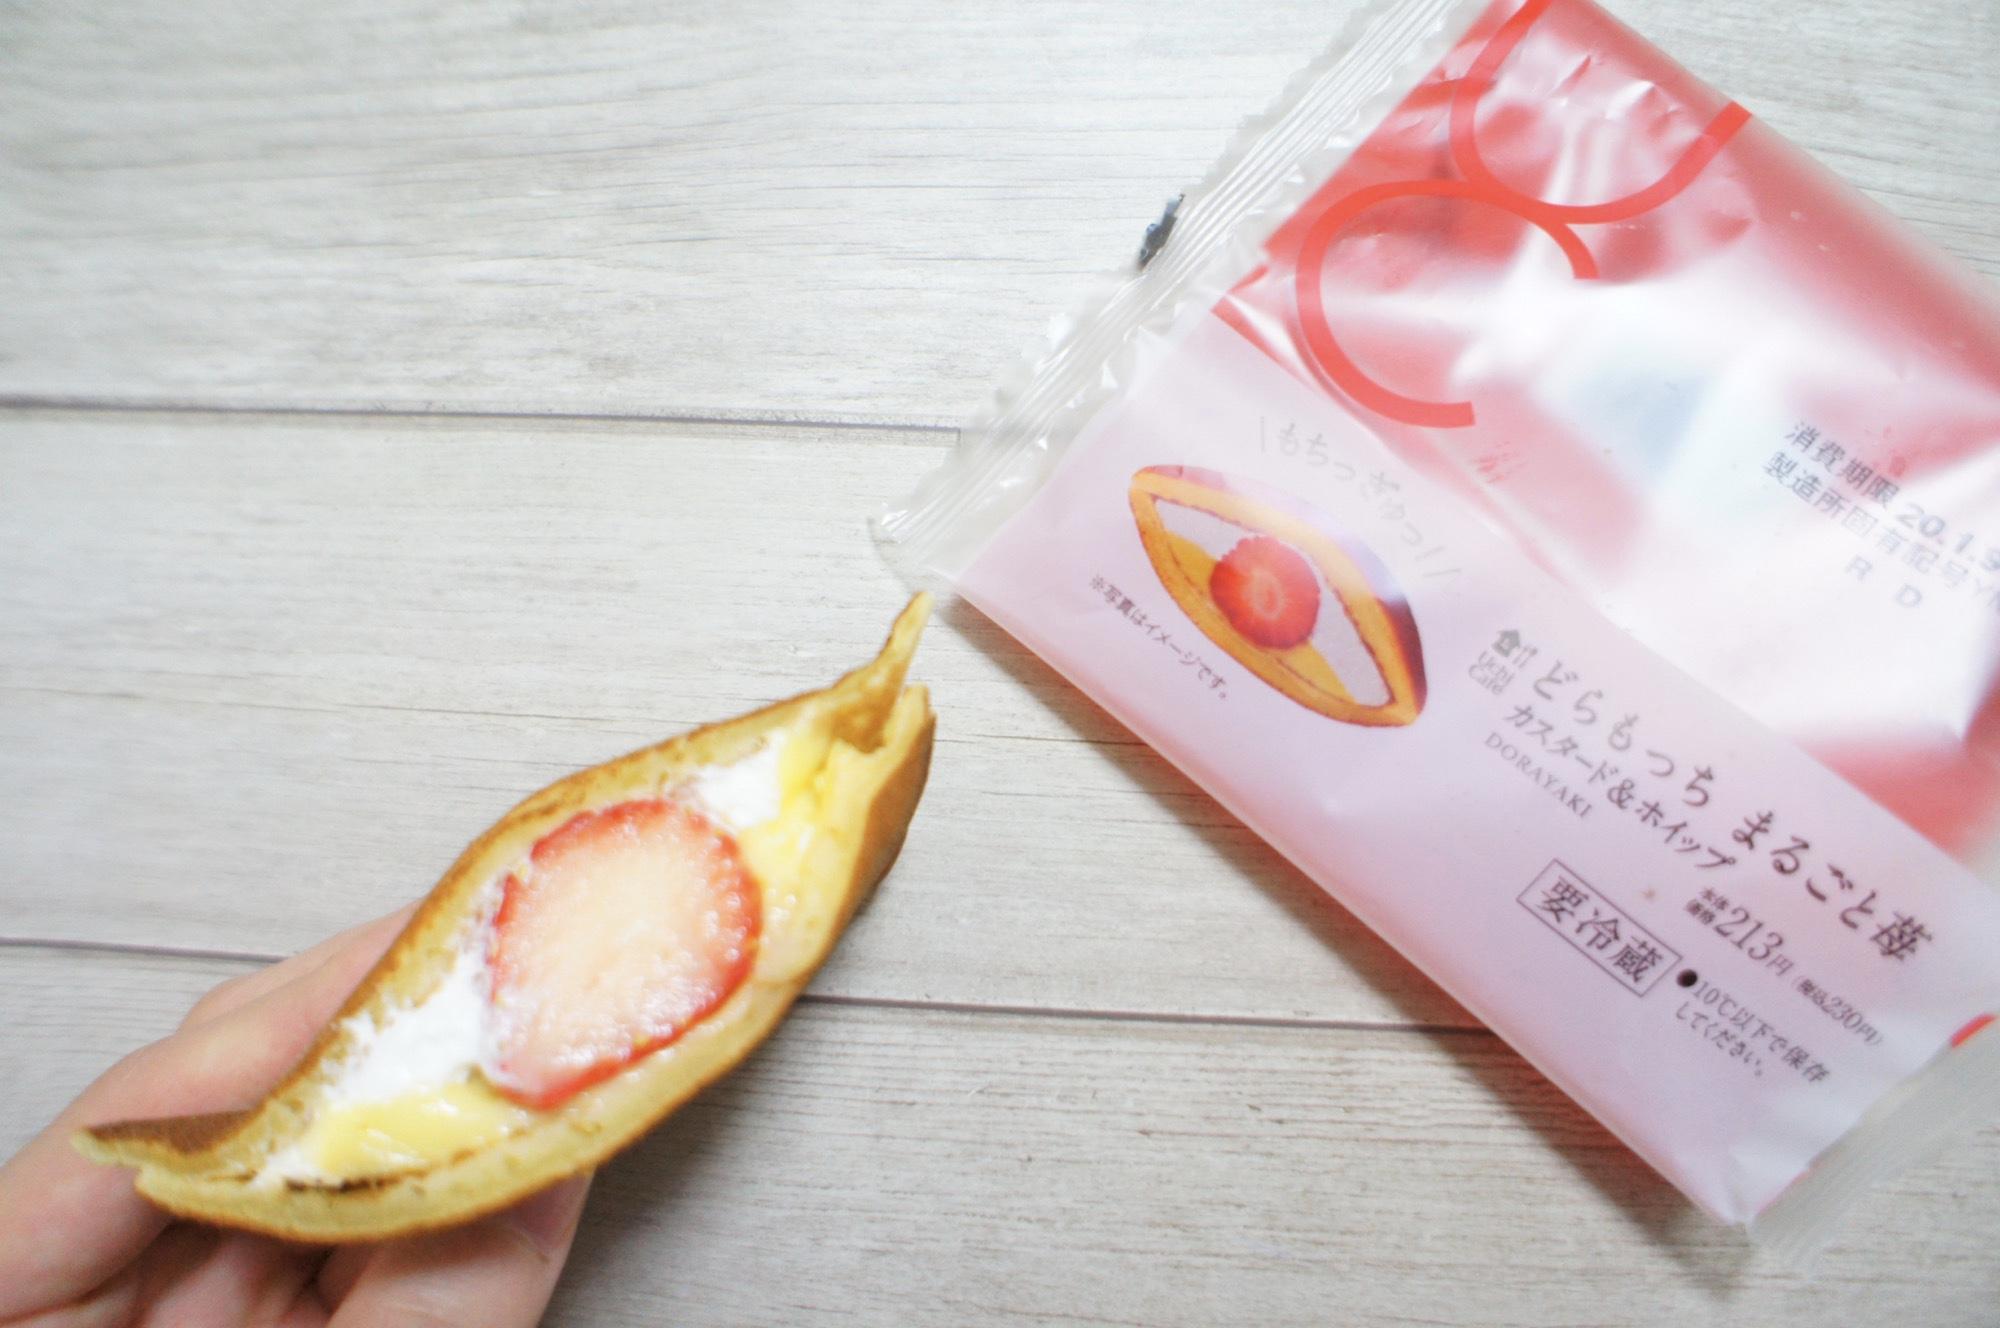 《いちご好き必見❤️》【ローソン】新作!どらもっちまるごと苺(カスタード&ホイップ)が美味しすぎる☻!_3